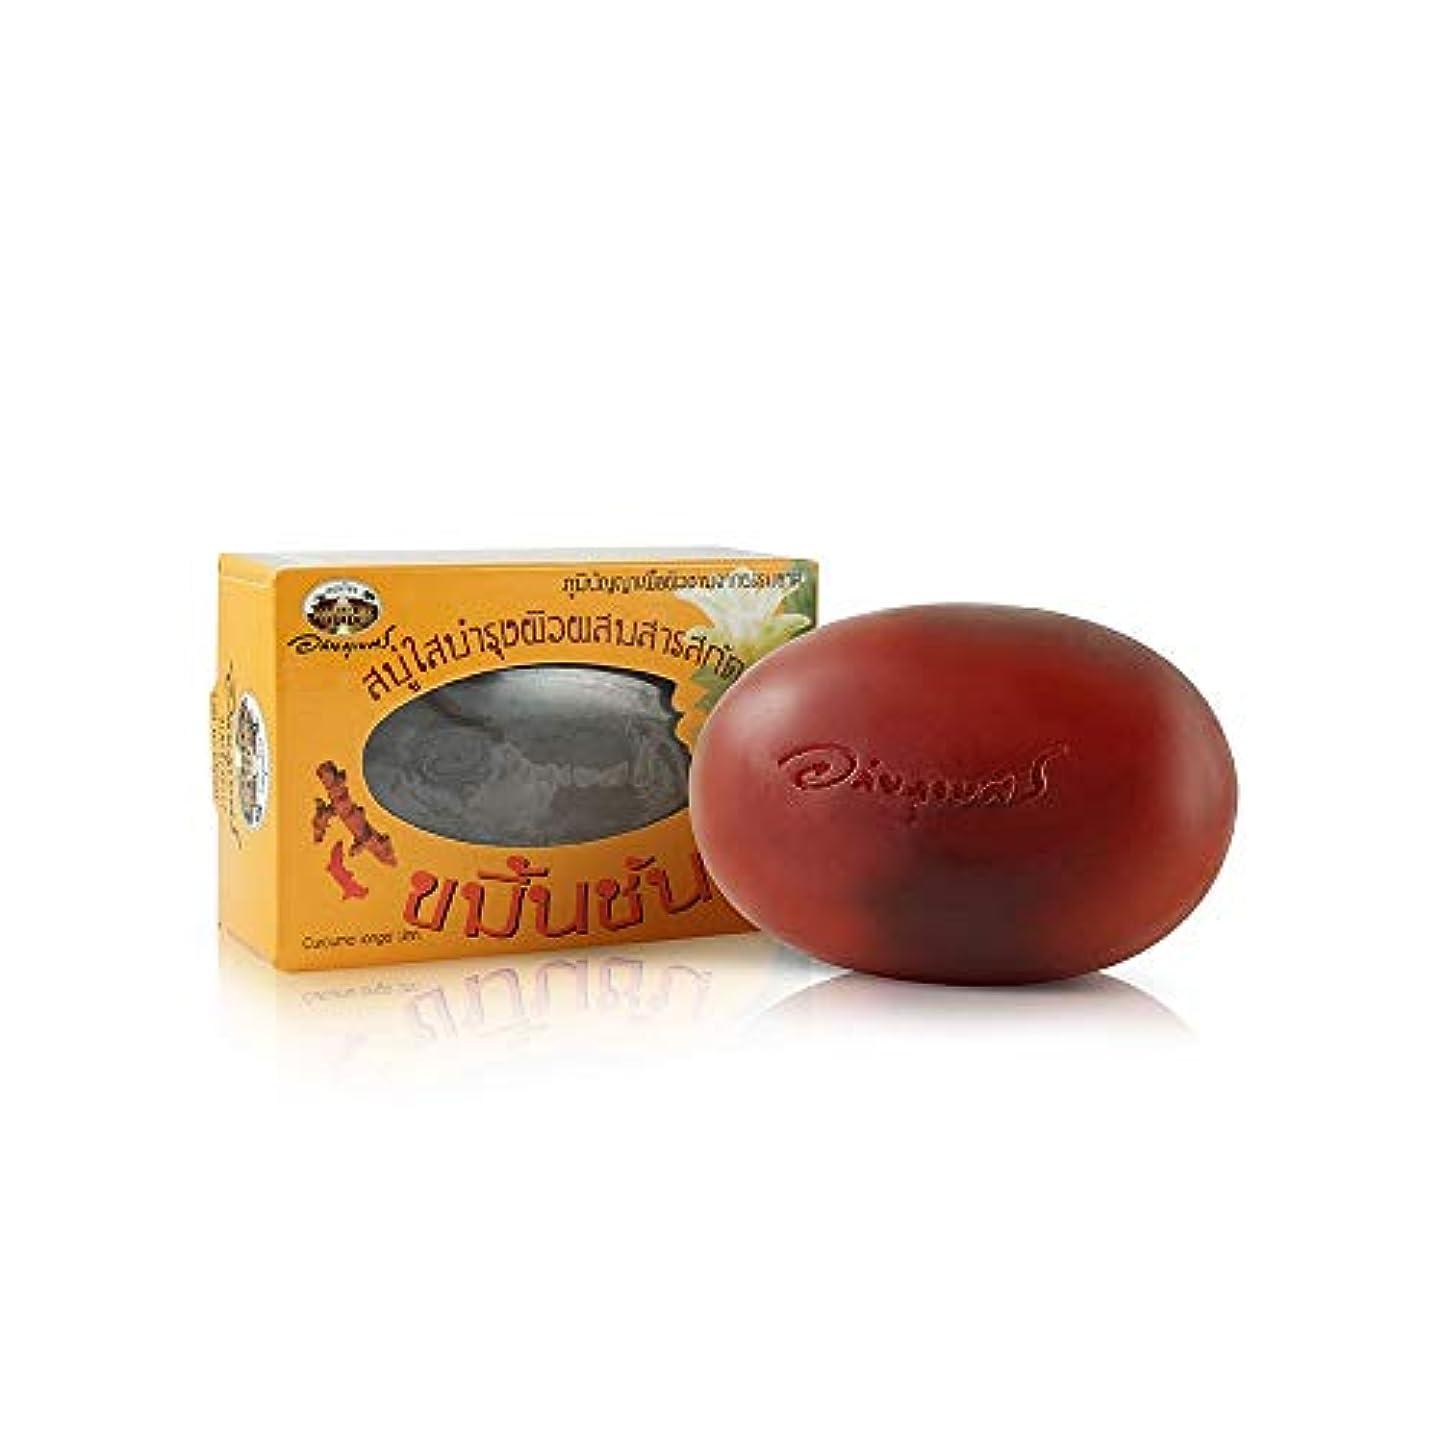 夕方軽く不潔Abhaibhubejhr Turmeric Vitamin E Herbal Body Cleansing Soap 100g. Abhaibhubejhrターメリックハーブボディクレンジングソープ100グラム。